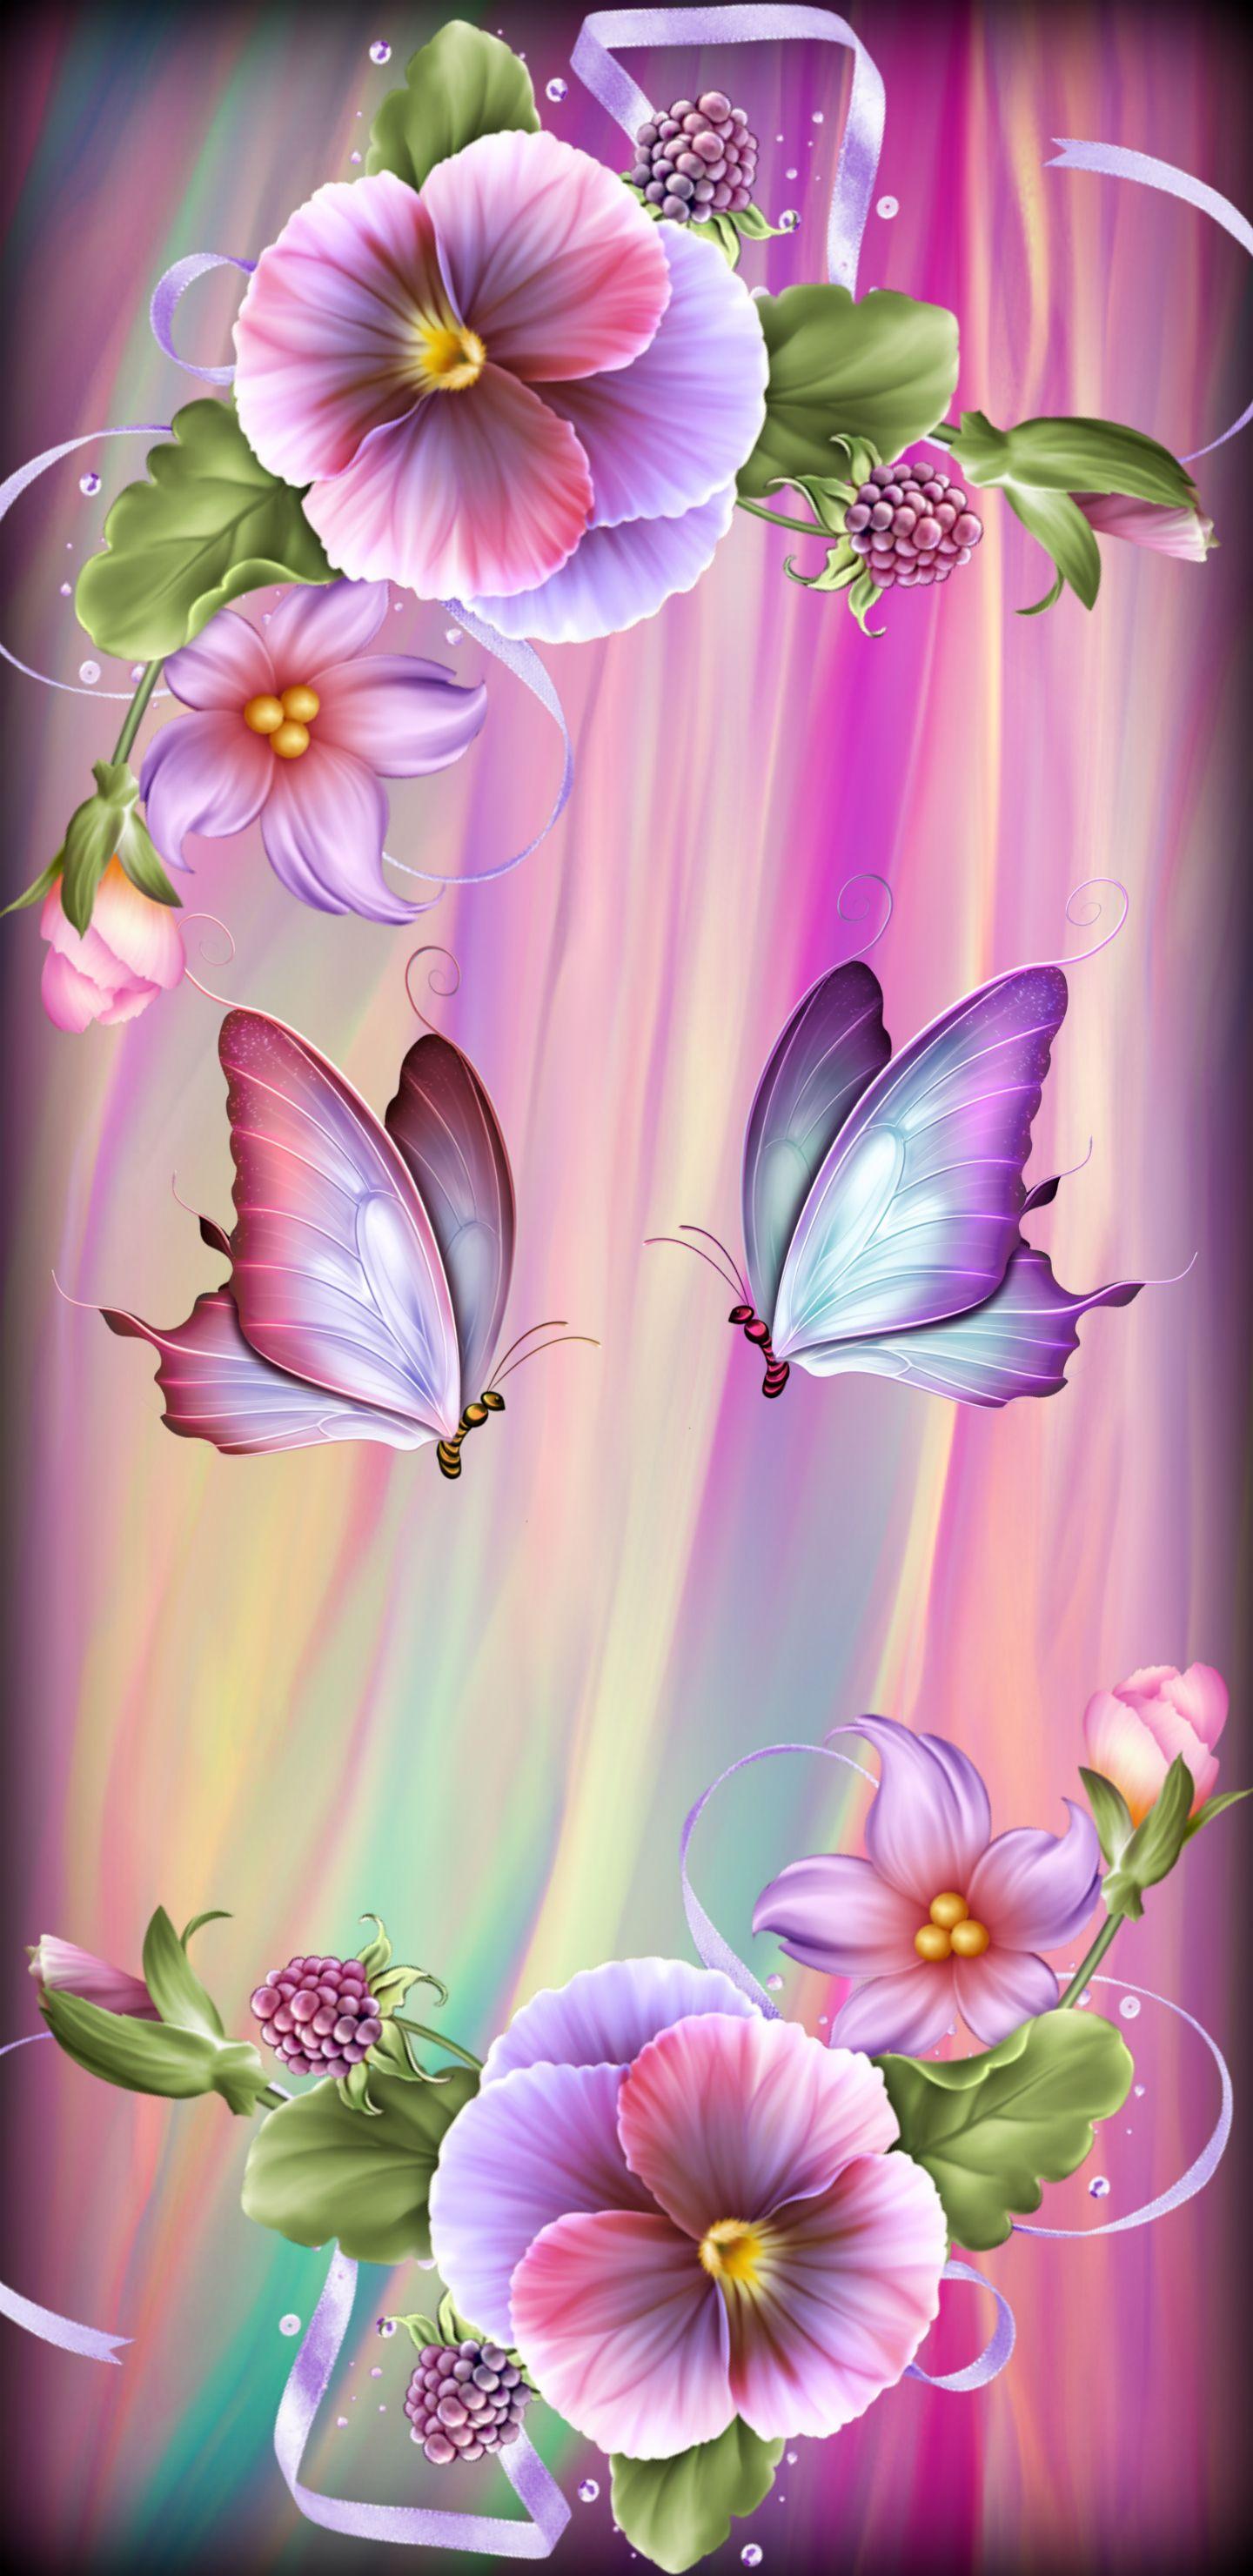 Rainbow Butterflies Flower Background Wallpaper Flowery Wallpaper Butterfly Wallpaper Backgrounds Fantastic live flower wallpaper